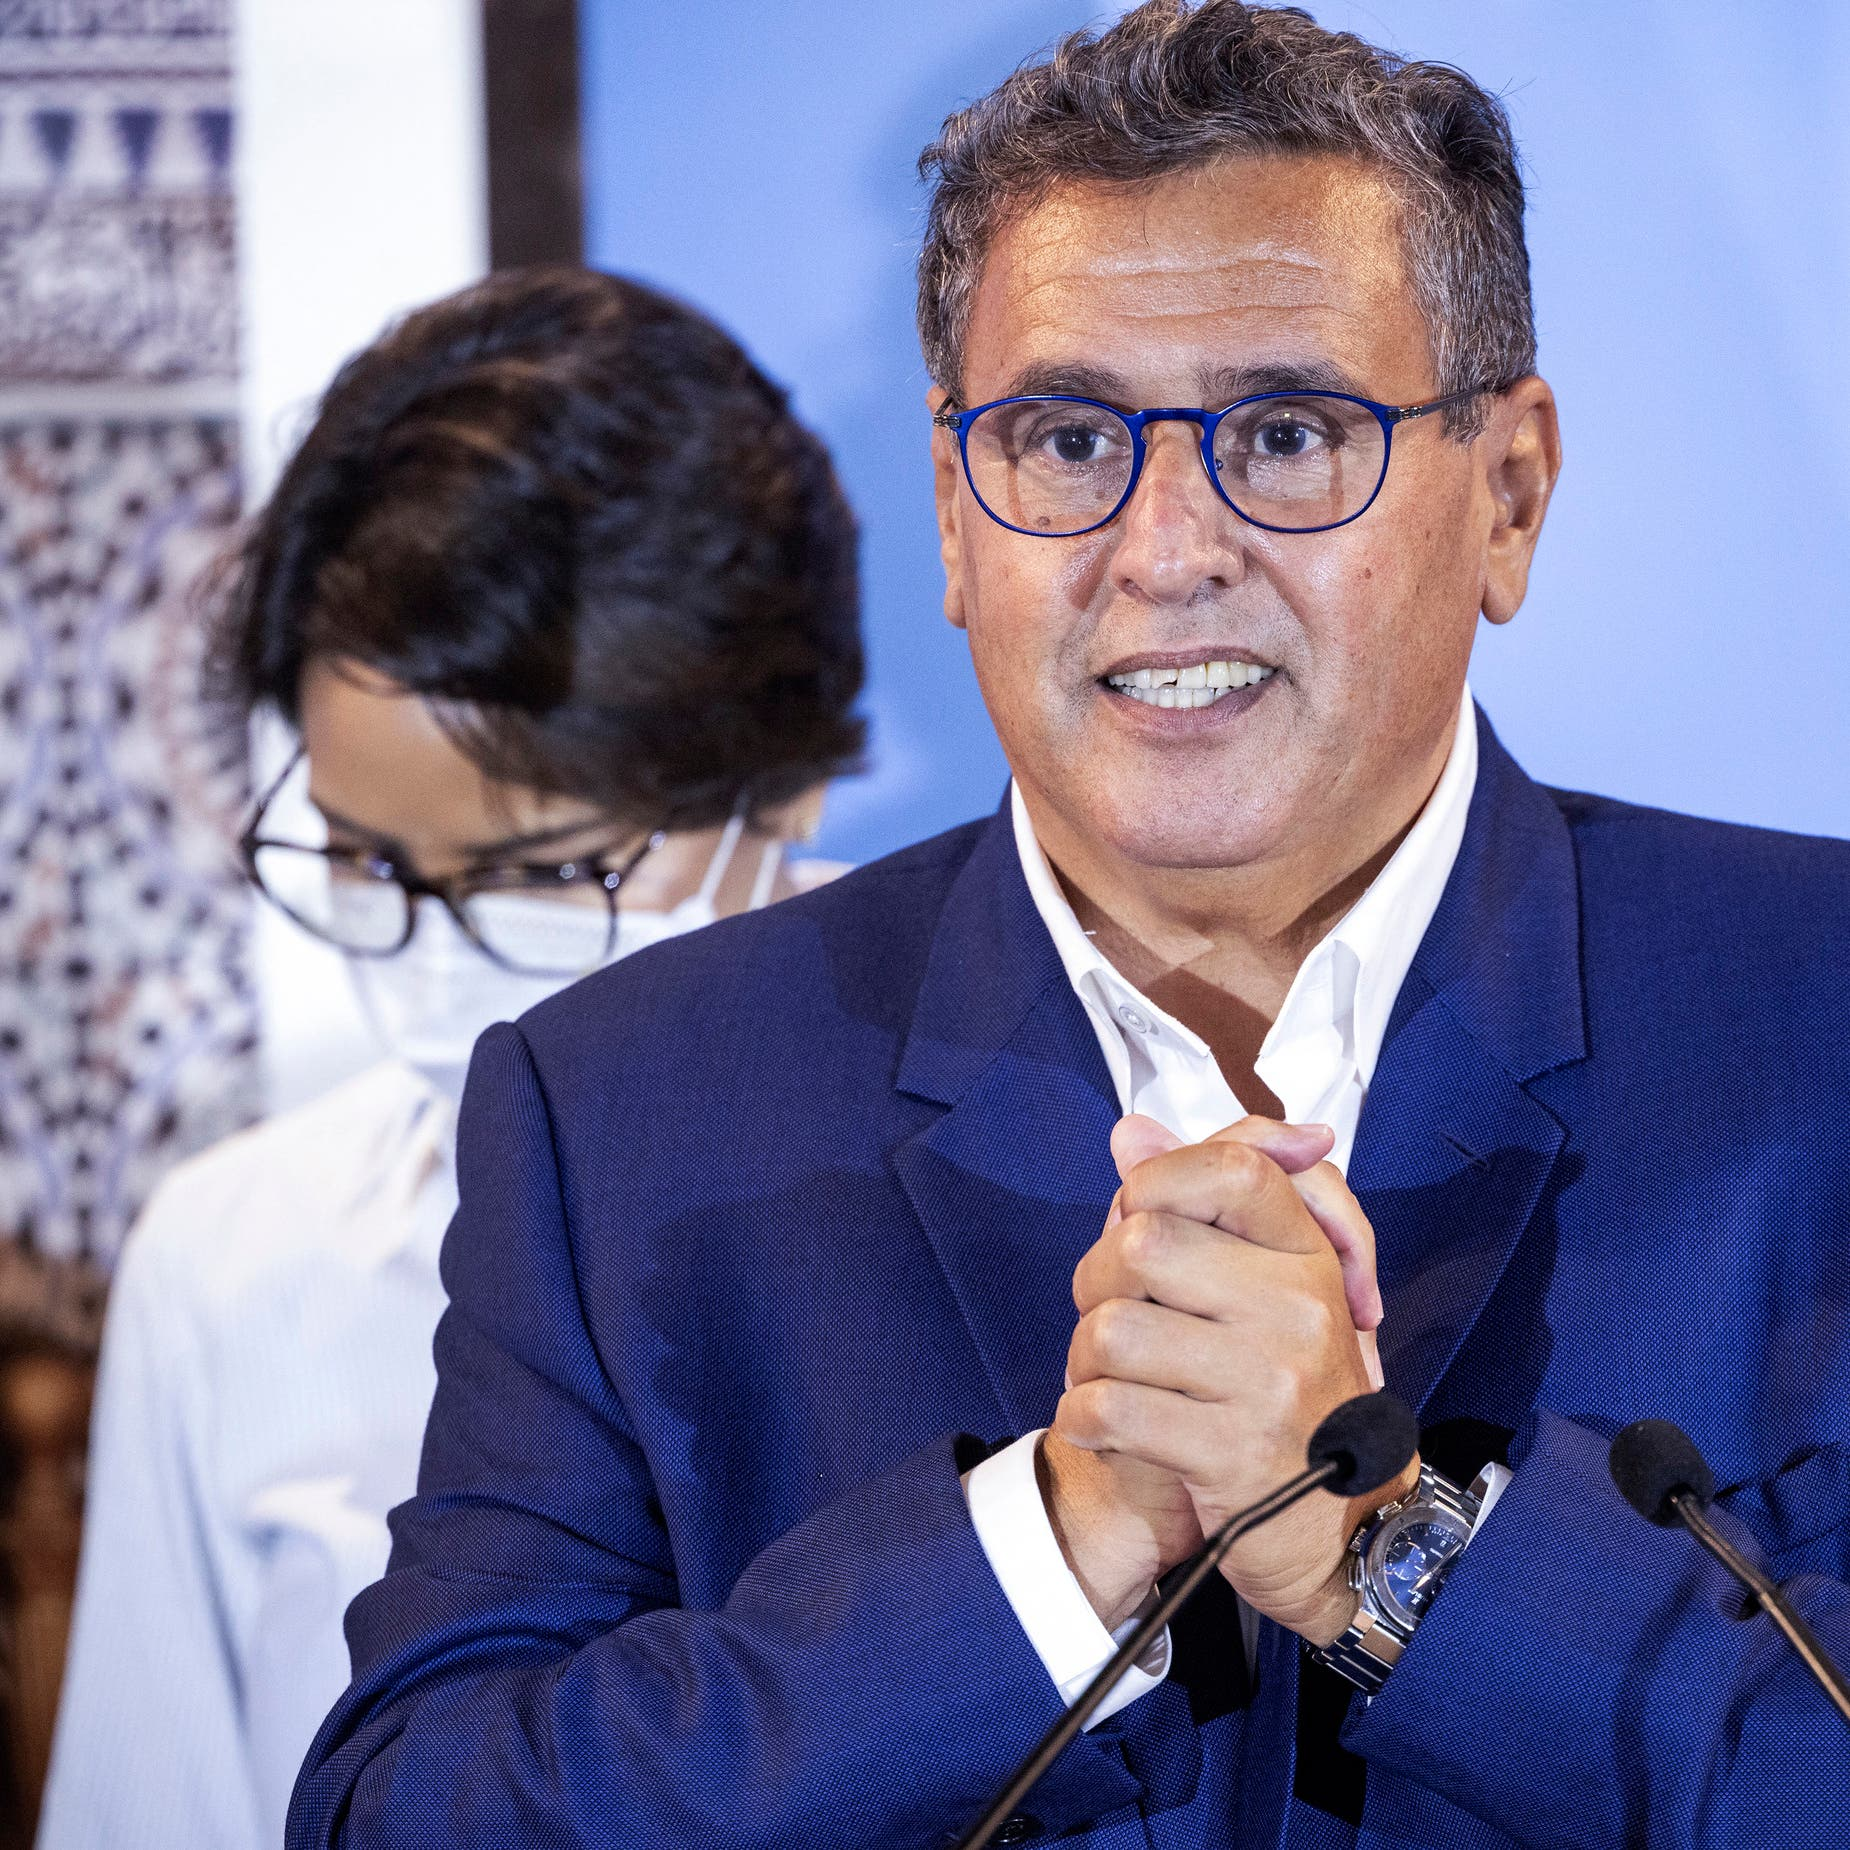 """المغرب.. بدء مشاورات لتشكيل حكومة """"منسجمة ومتماسكة"""""""